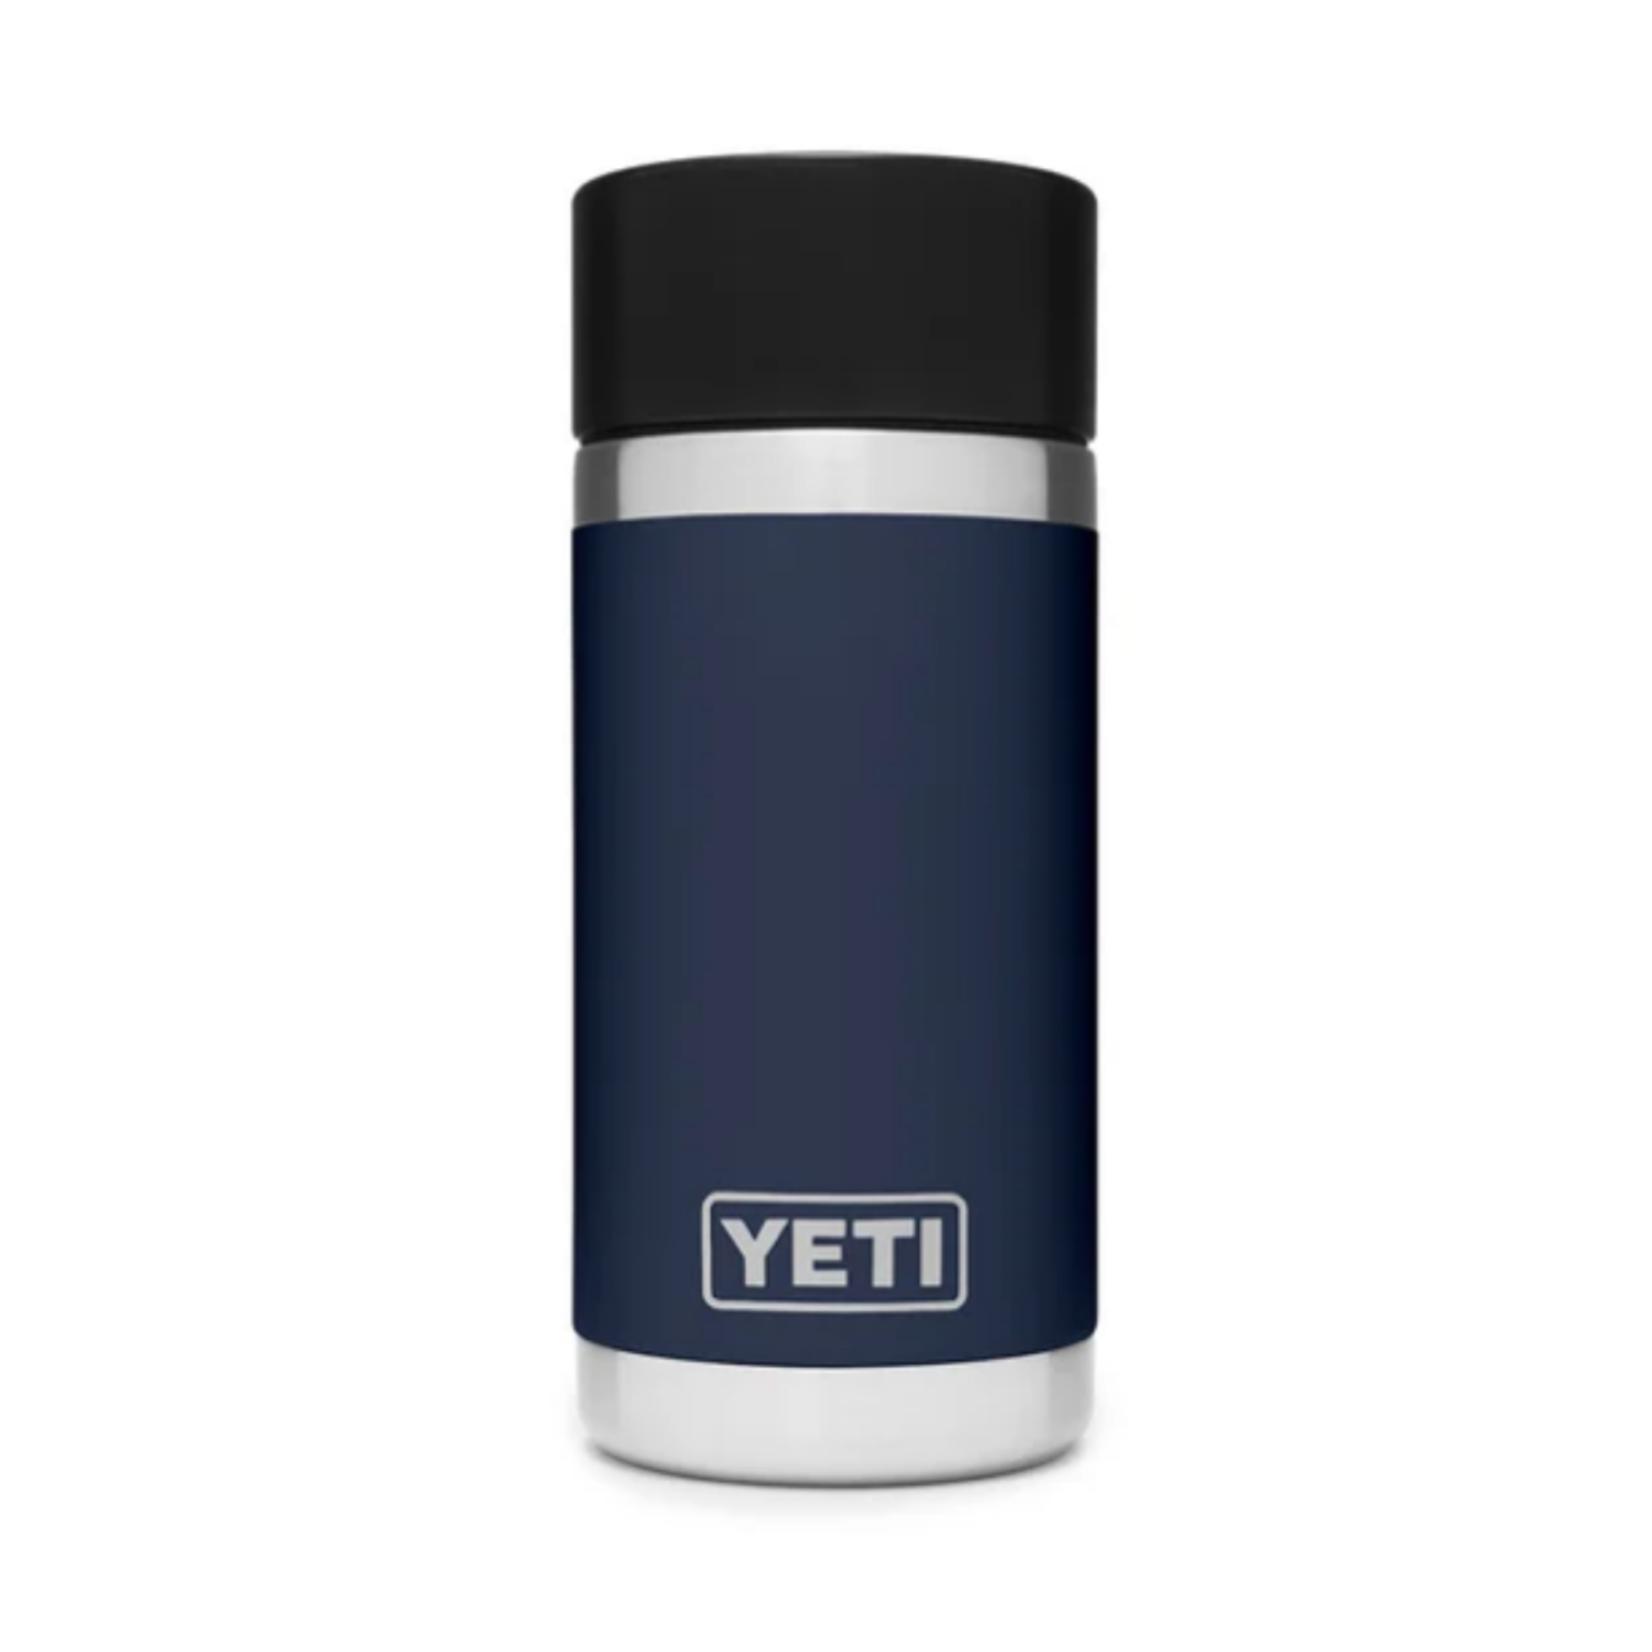 YETI Rambler 12oz Bottle w/ Hot Shot Cap